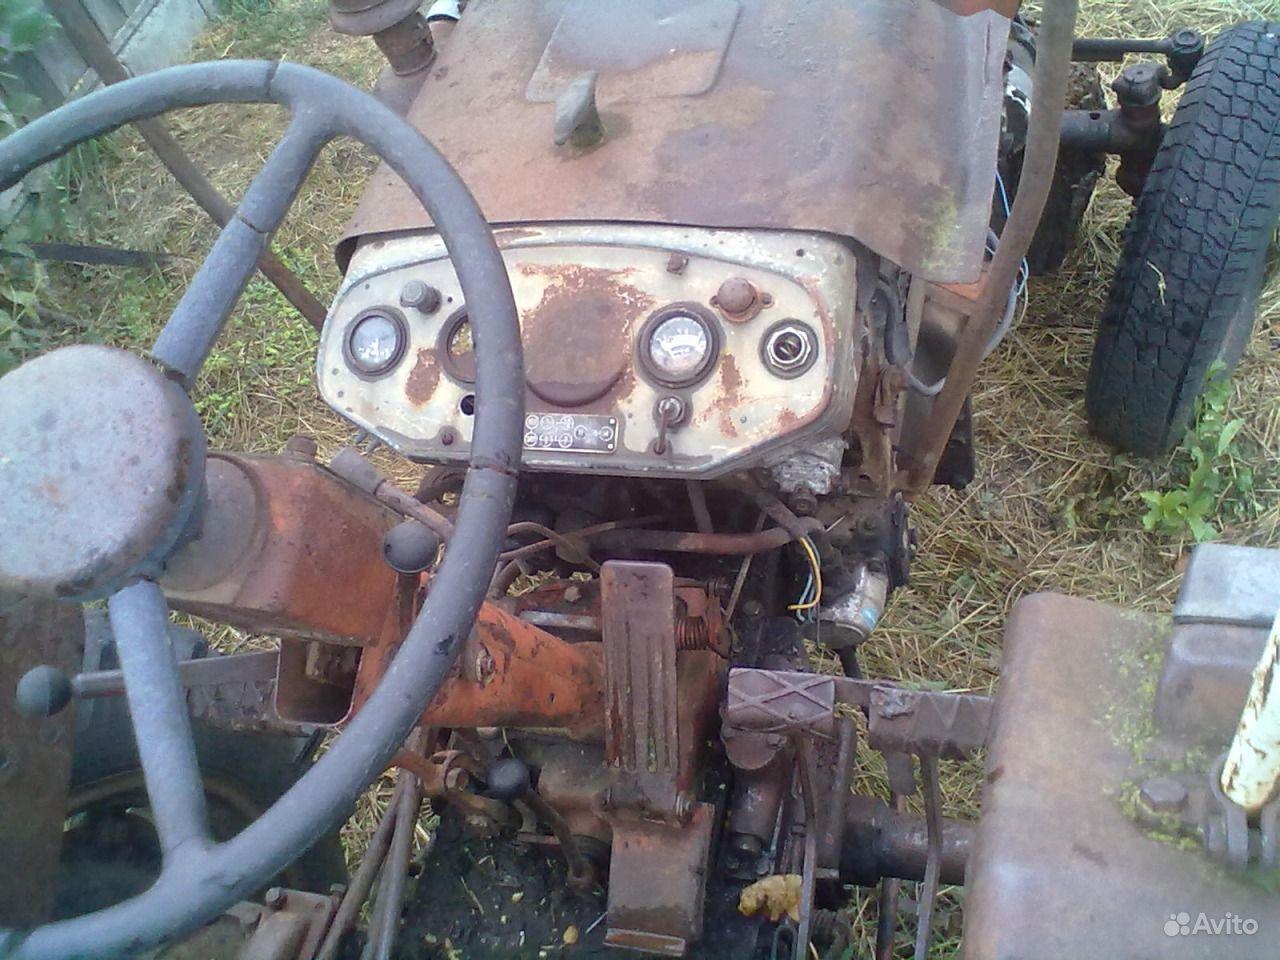 Авито трактор т 150 - Объявления авито - купить и продать.